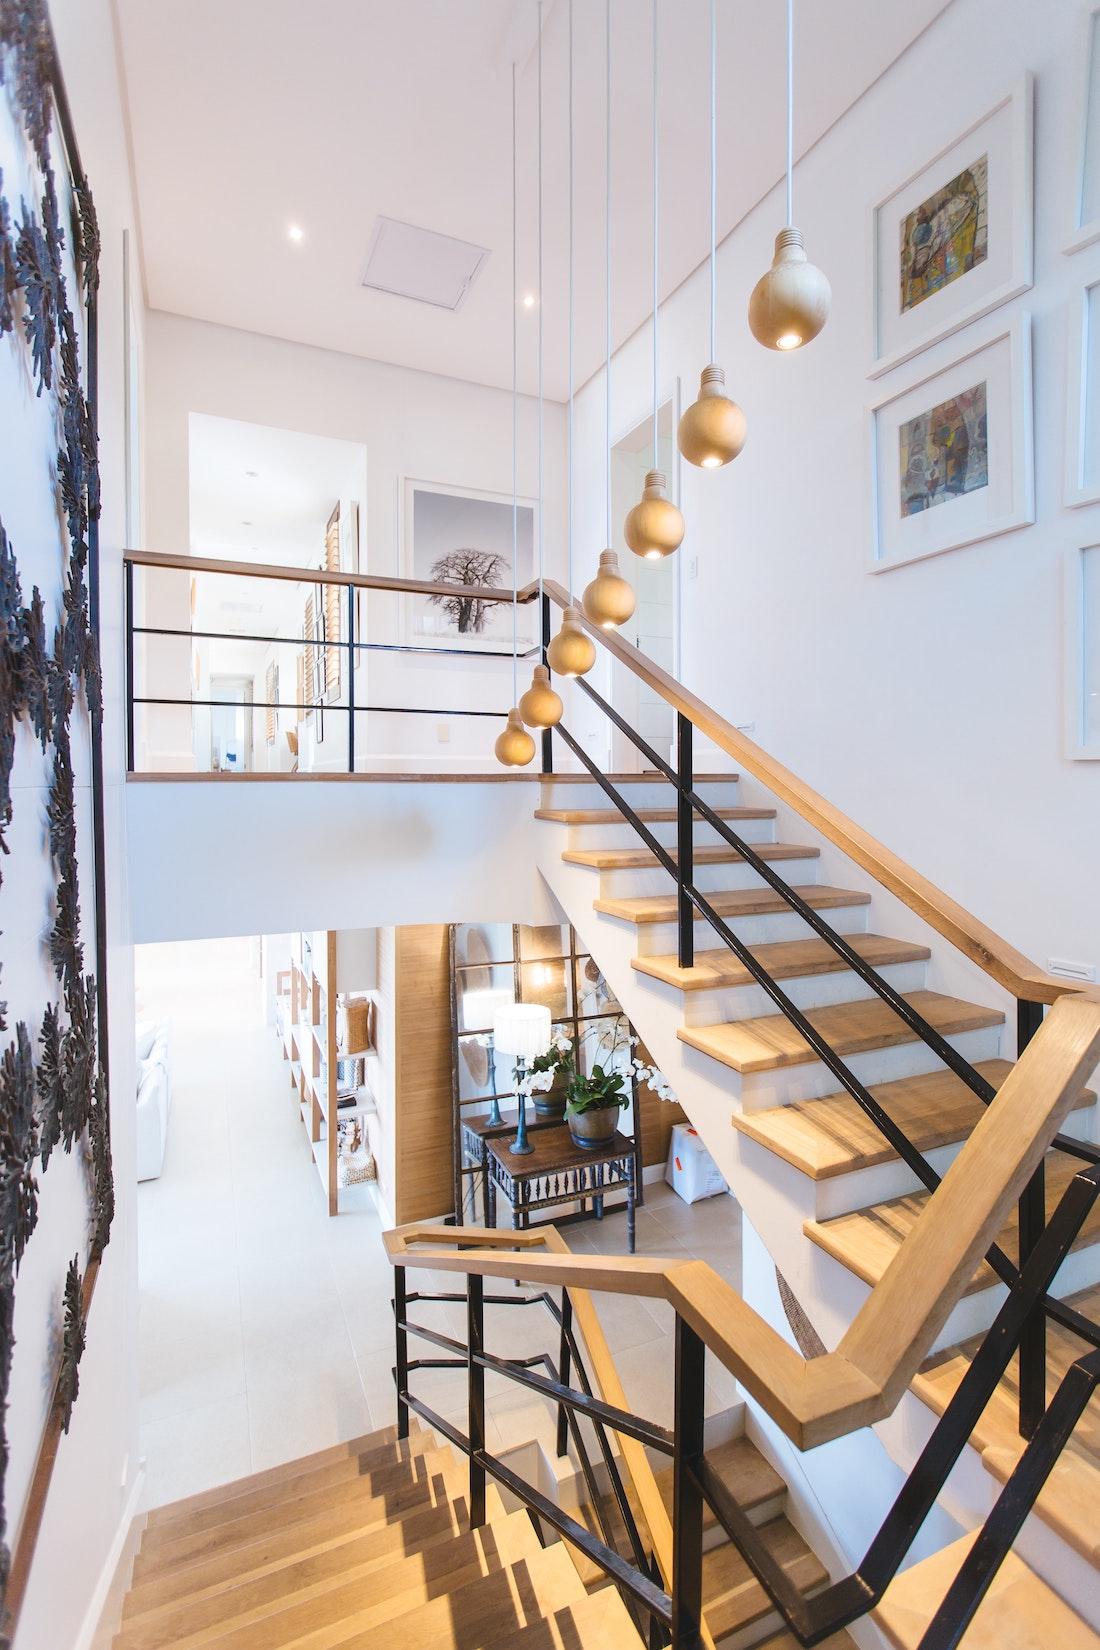 escalier bois maison blanche